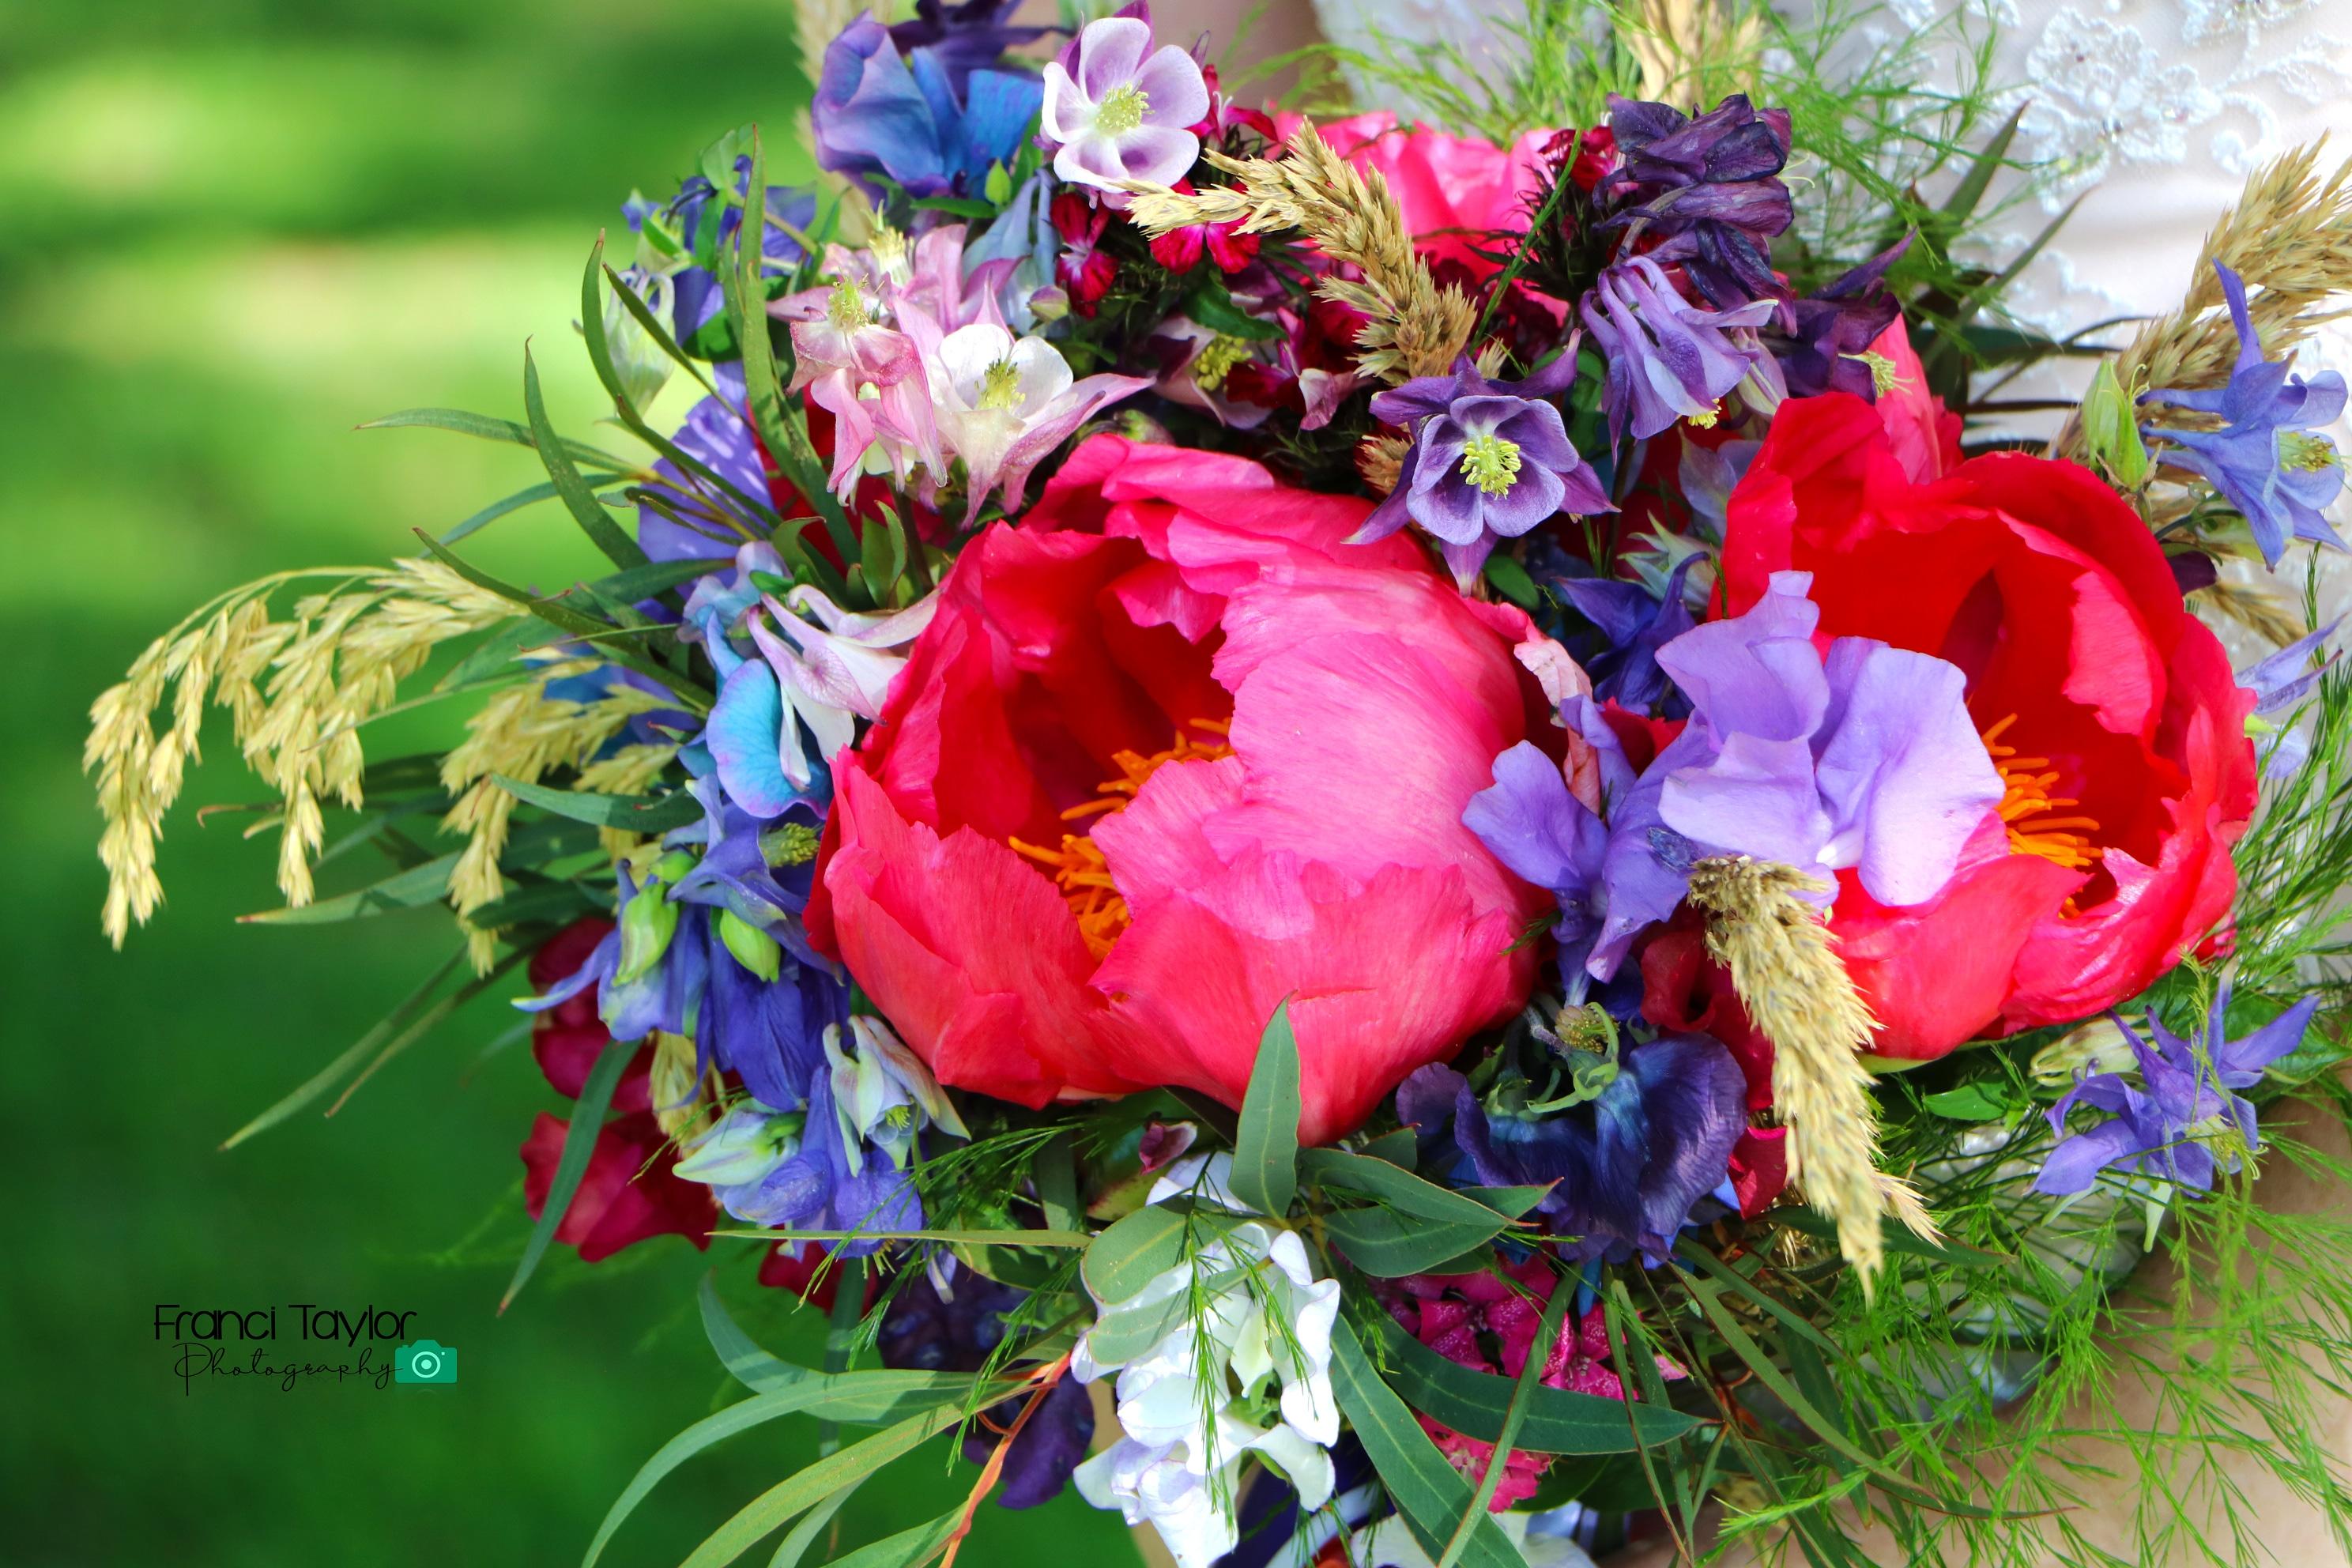 Rustic, Boho, Natural Bridal Bouquet